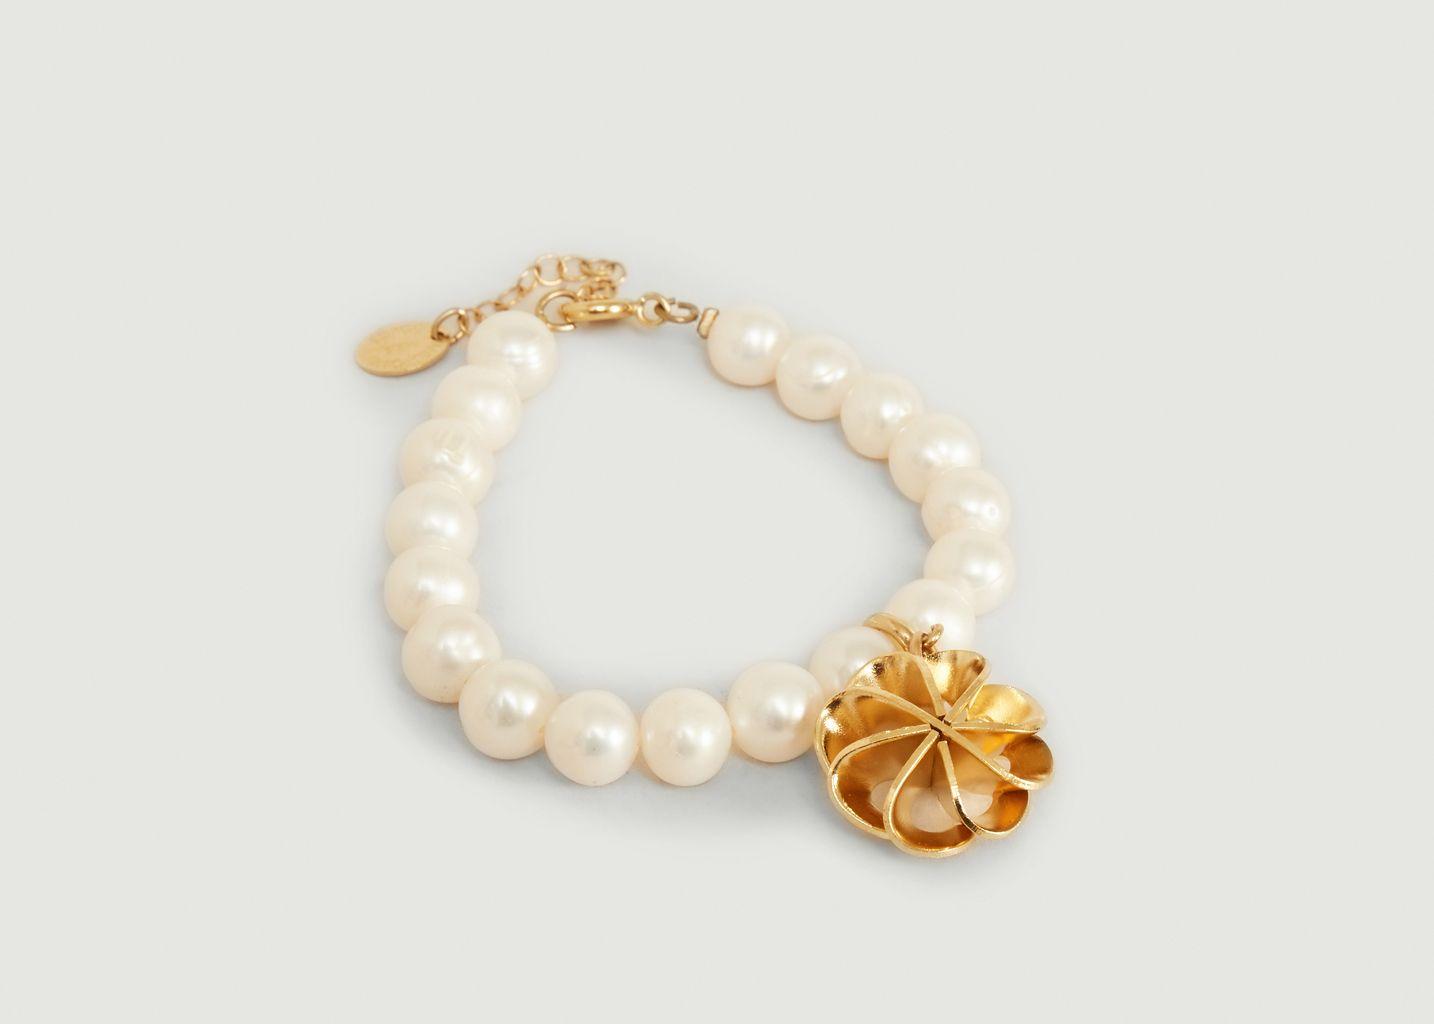 Bracelet perles de culture et charms Vérone - Medecine Douce